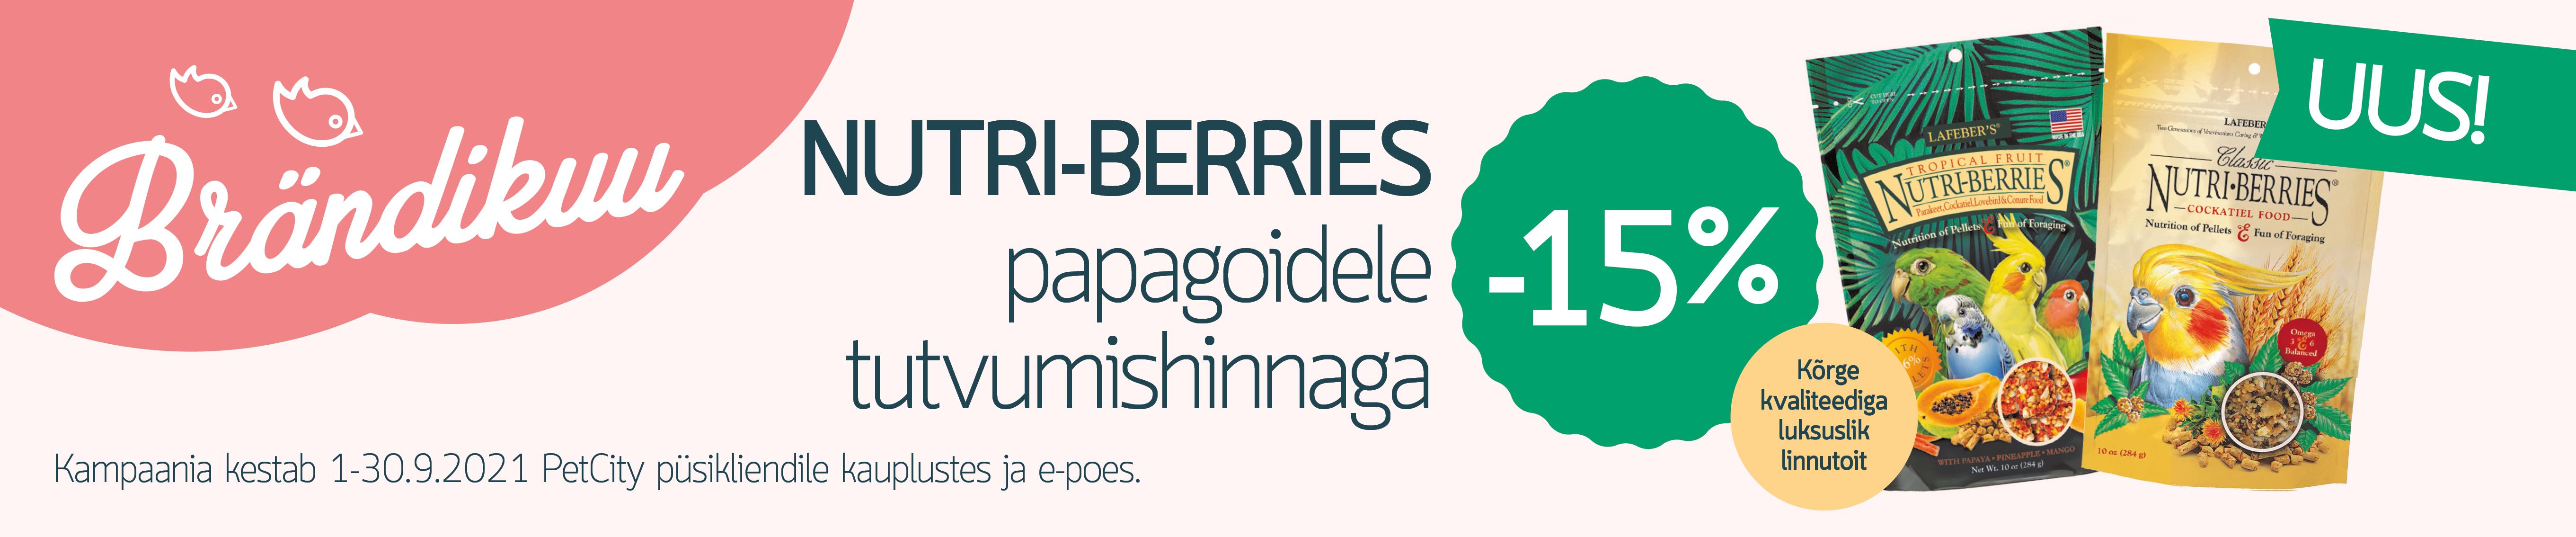 UUS! NUTRI-BERRIES papagoidele -15%